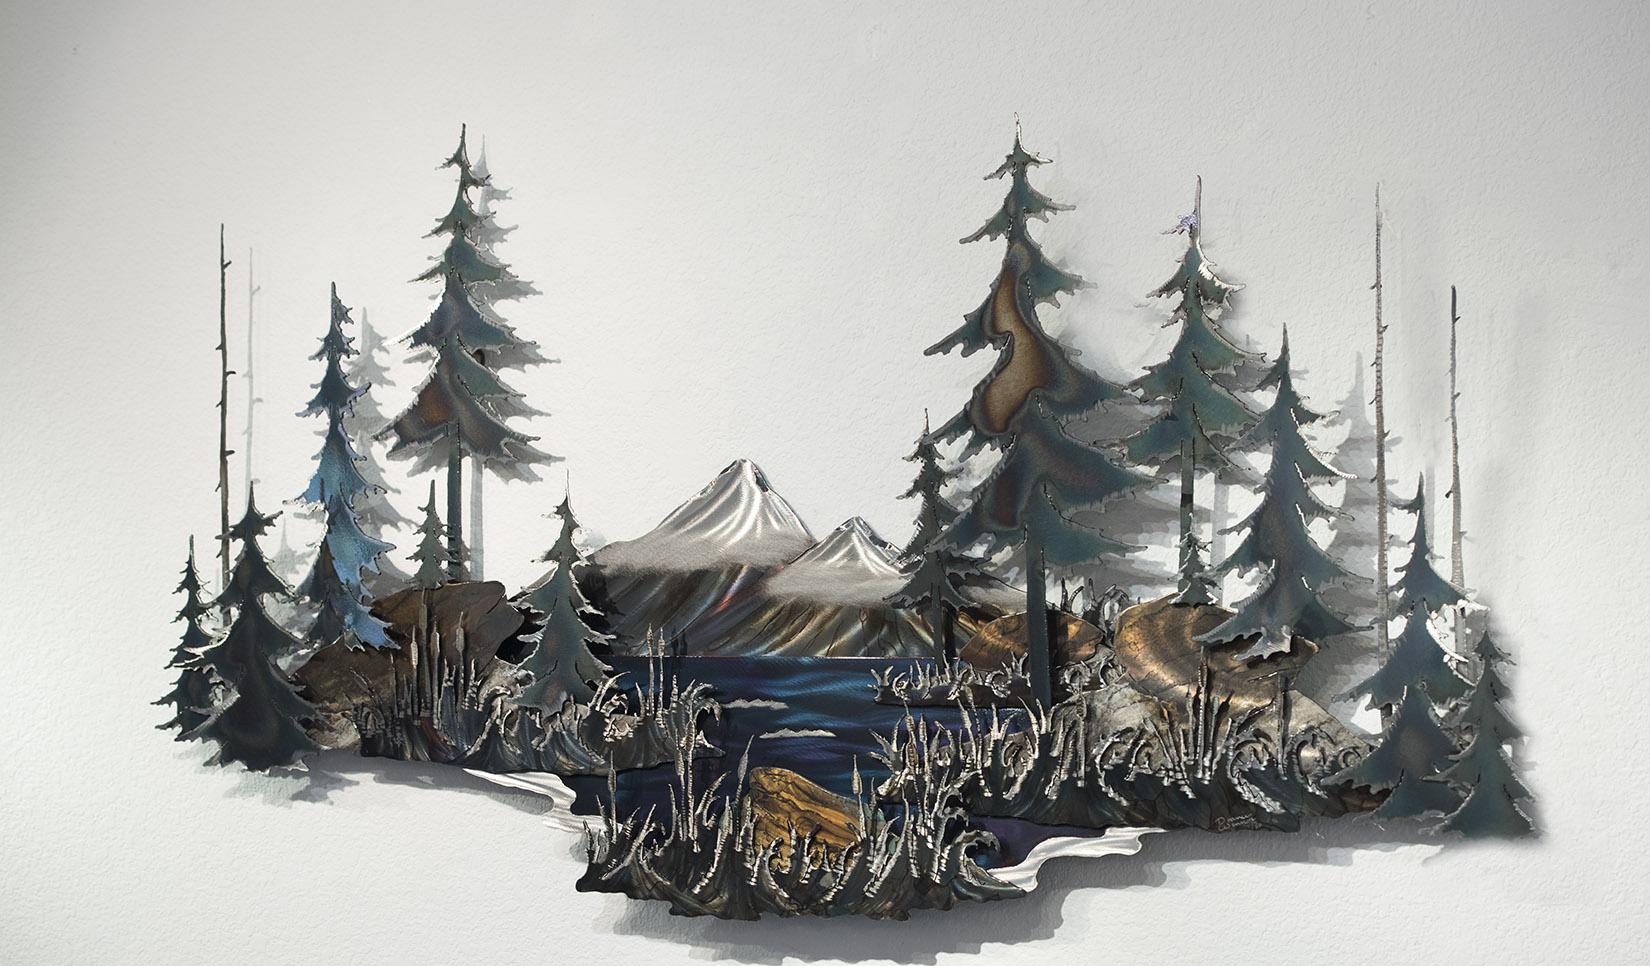 Metal Tree Wall Art Gallery: Art For Wildlife Galleries